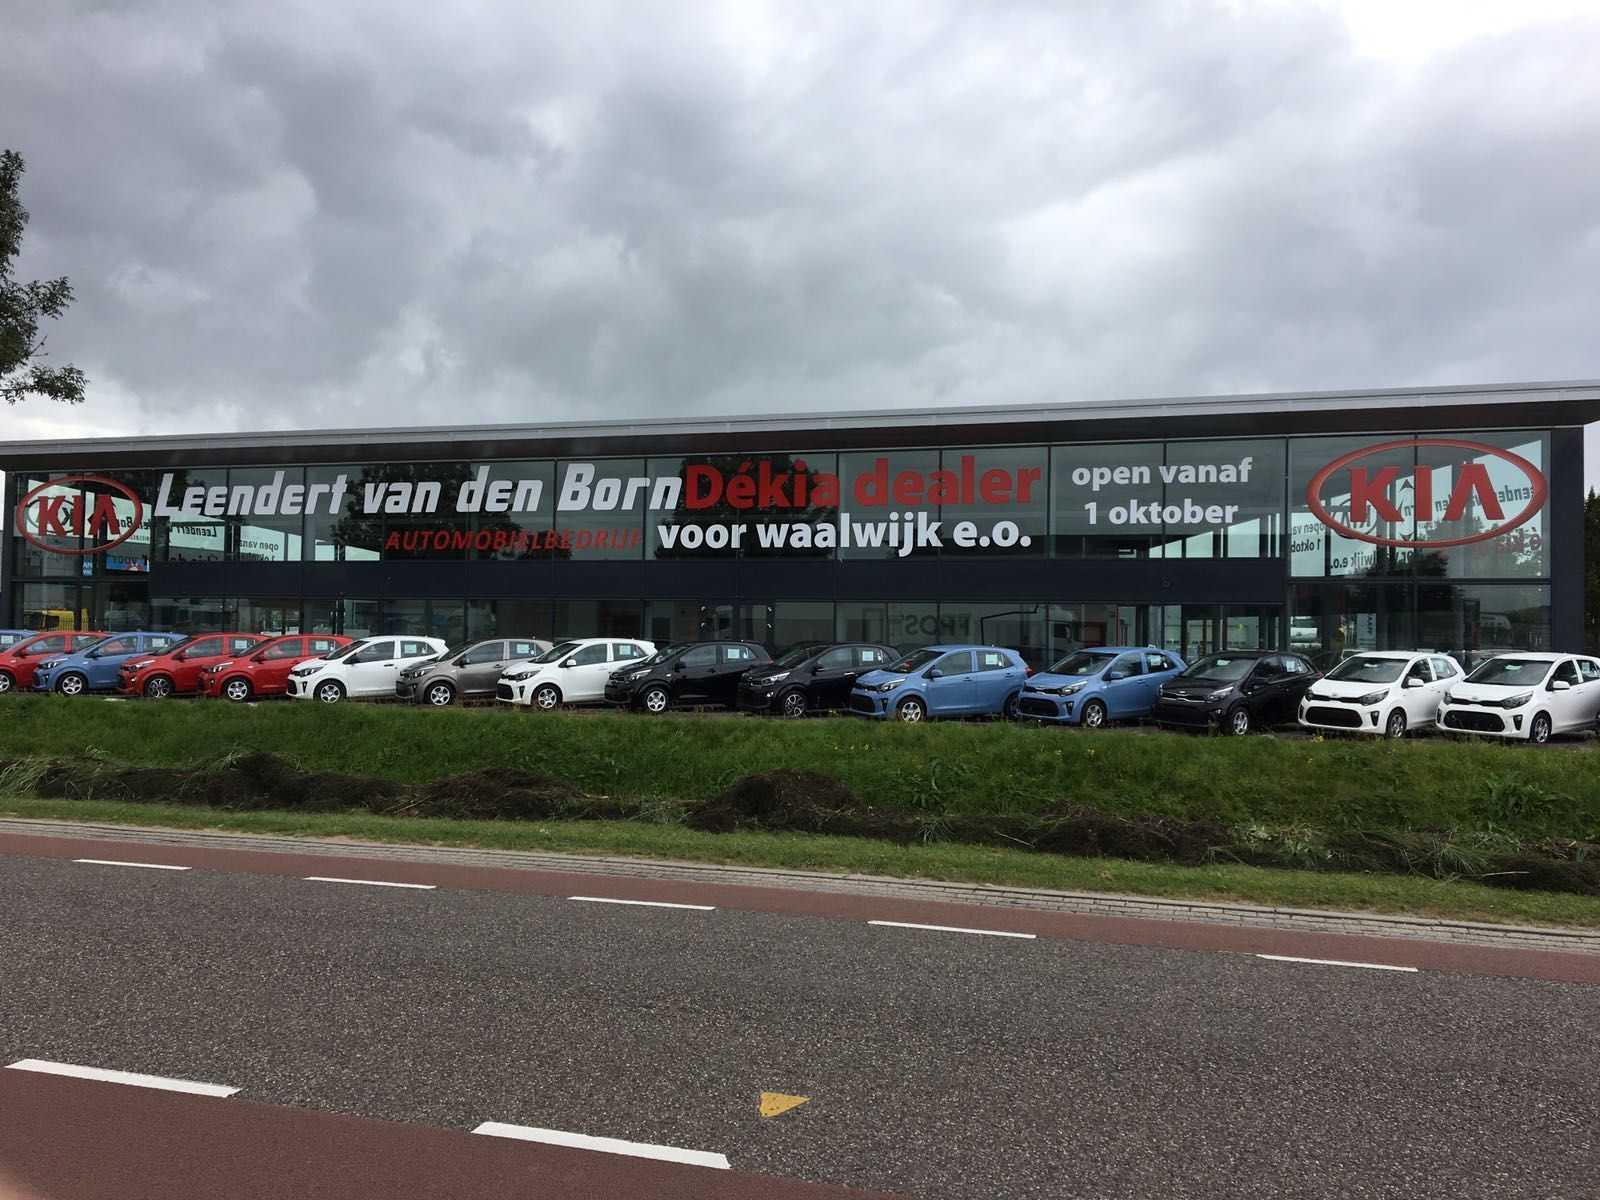 Raam sticker van den born